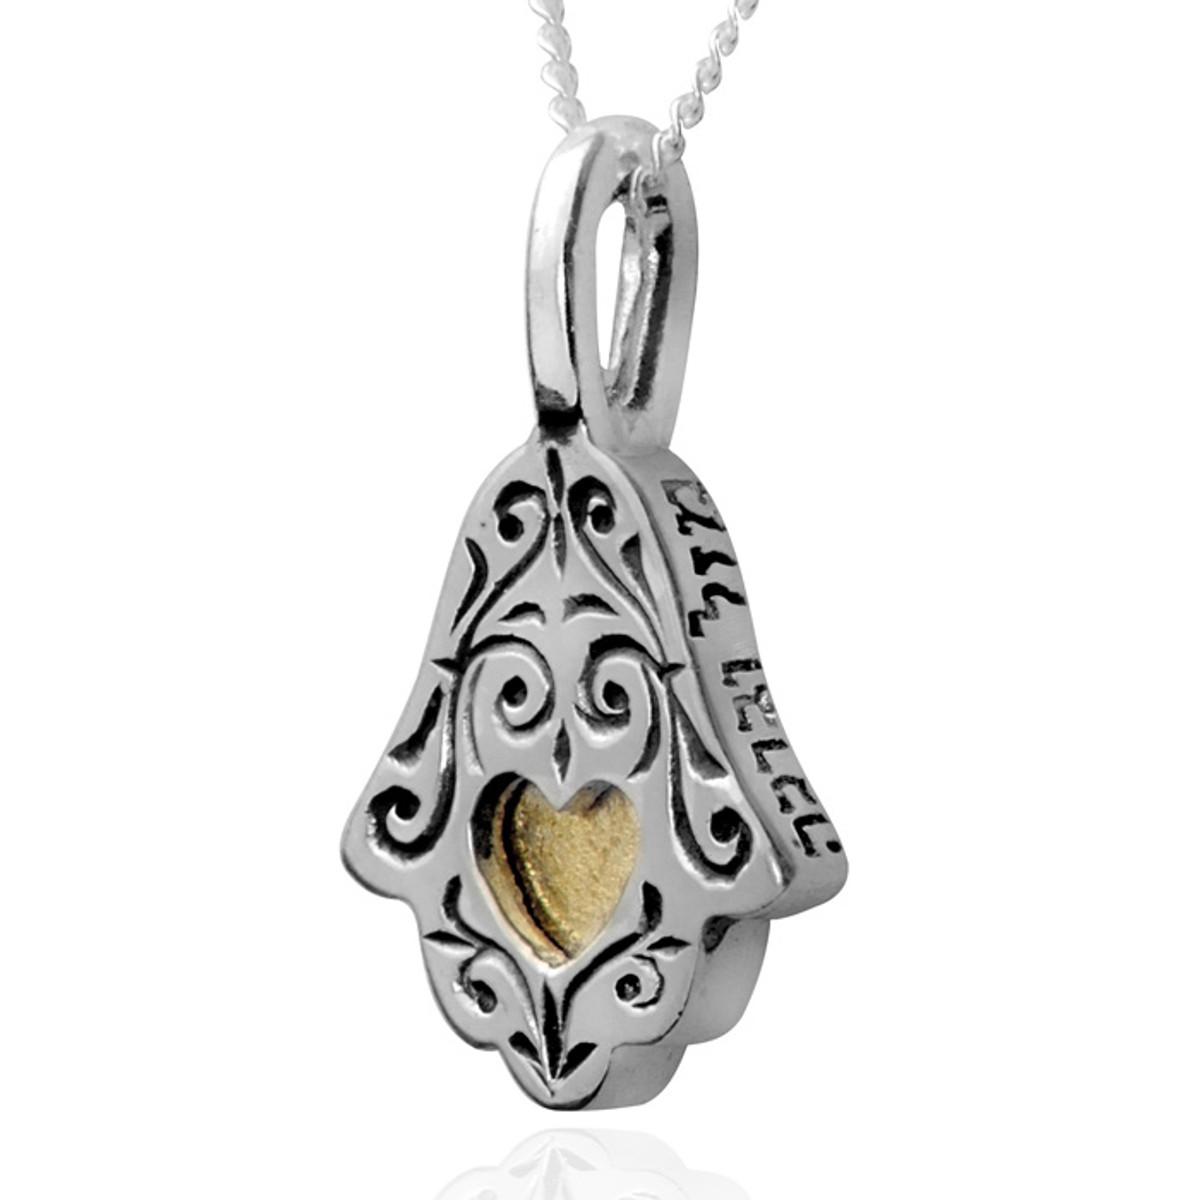 5 Metals Hamsa Hand Pendant By Haari